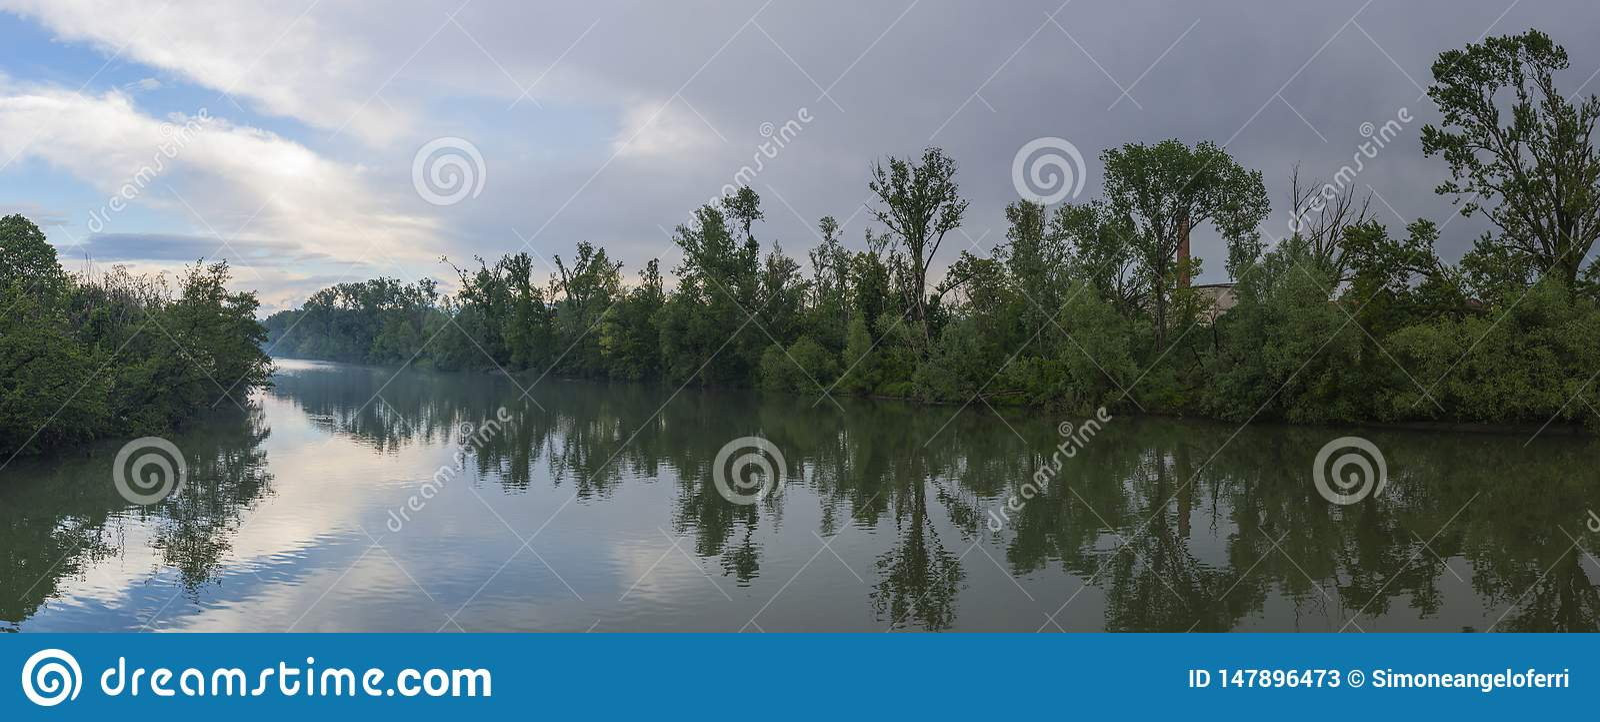 Fluss von Adda in Italien mit Wolken im Himmel